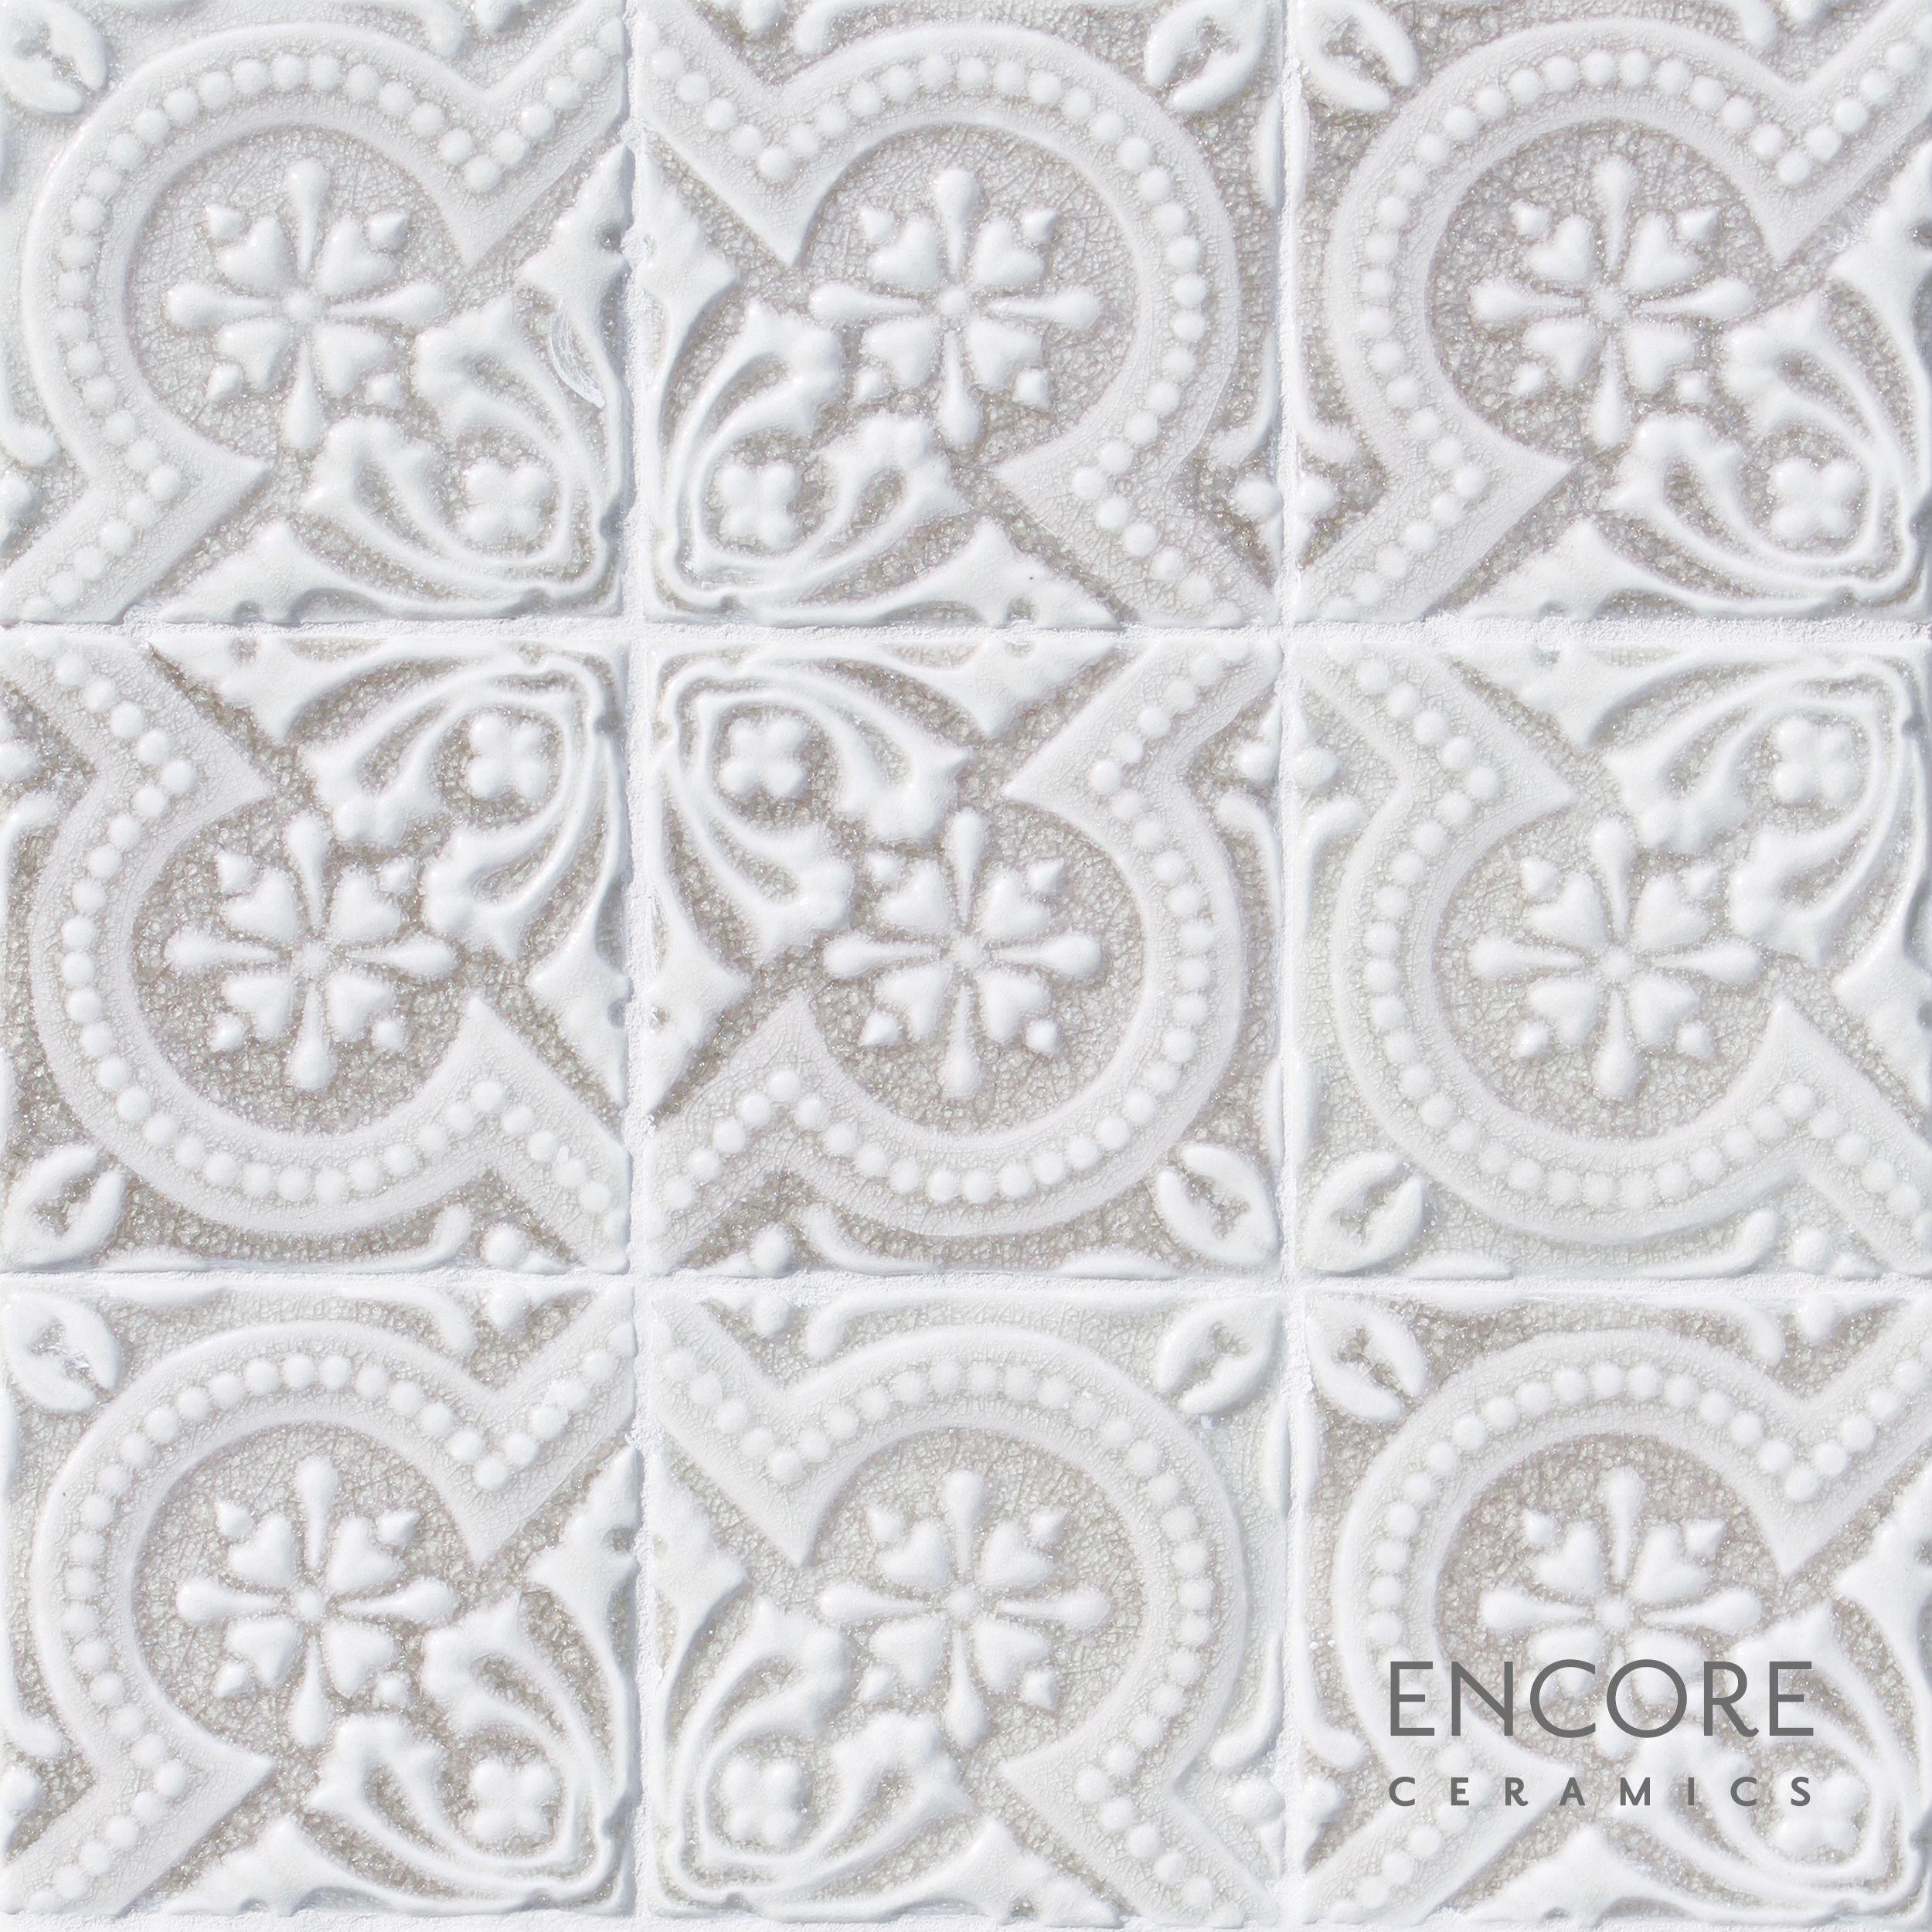 Encore Ceramics Anticipation Deco Field Hand Glazed In